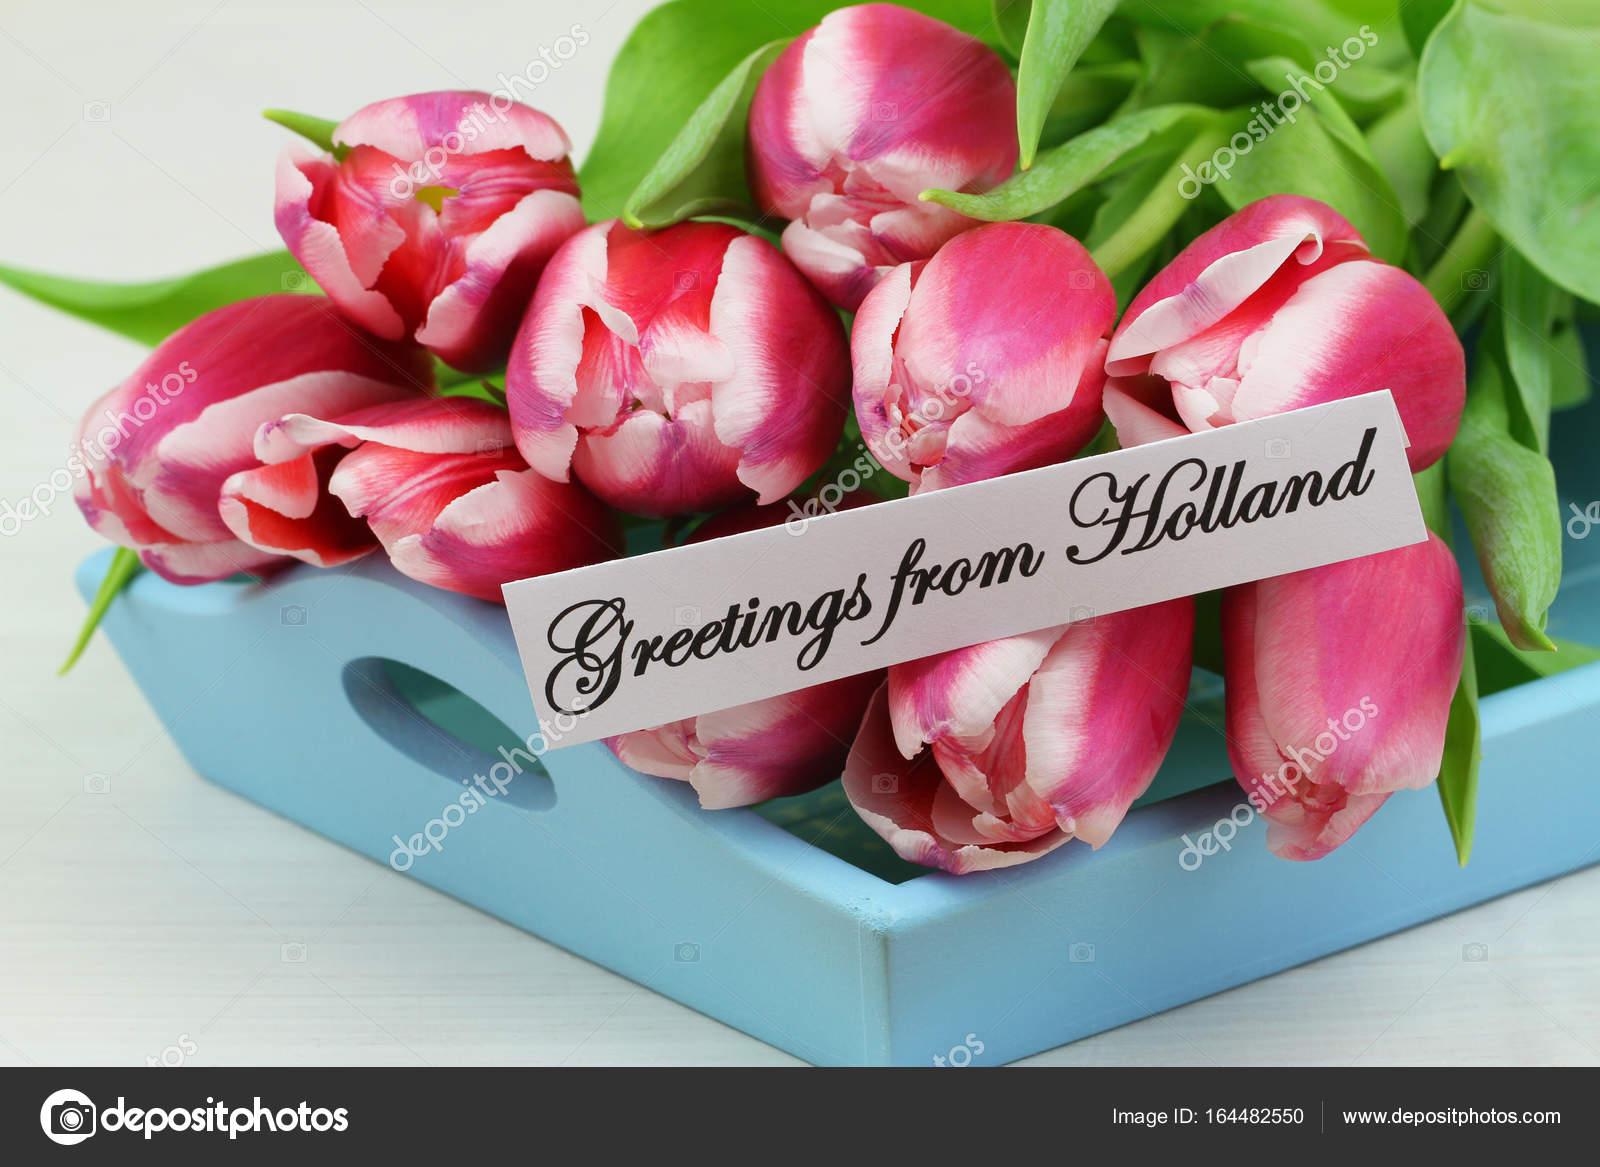 Groeten Uit Holland.Groeten Uit Holland Kaart Met Roze Tulpen Op Blauwe Houten Dienblad